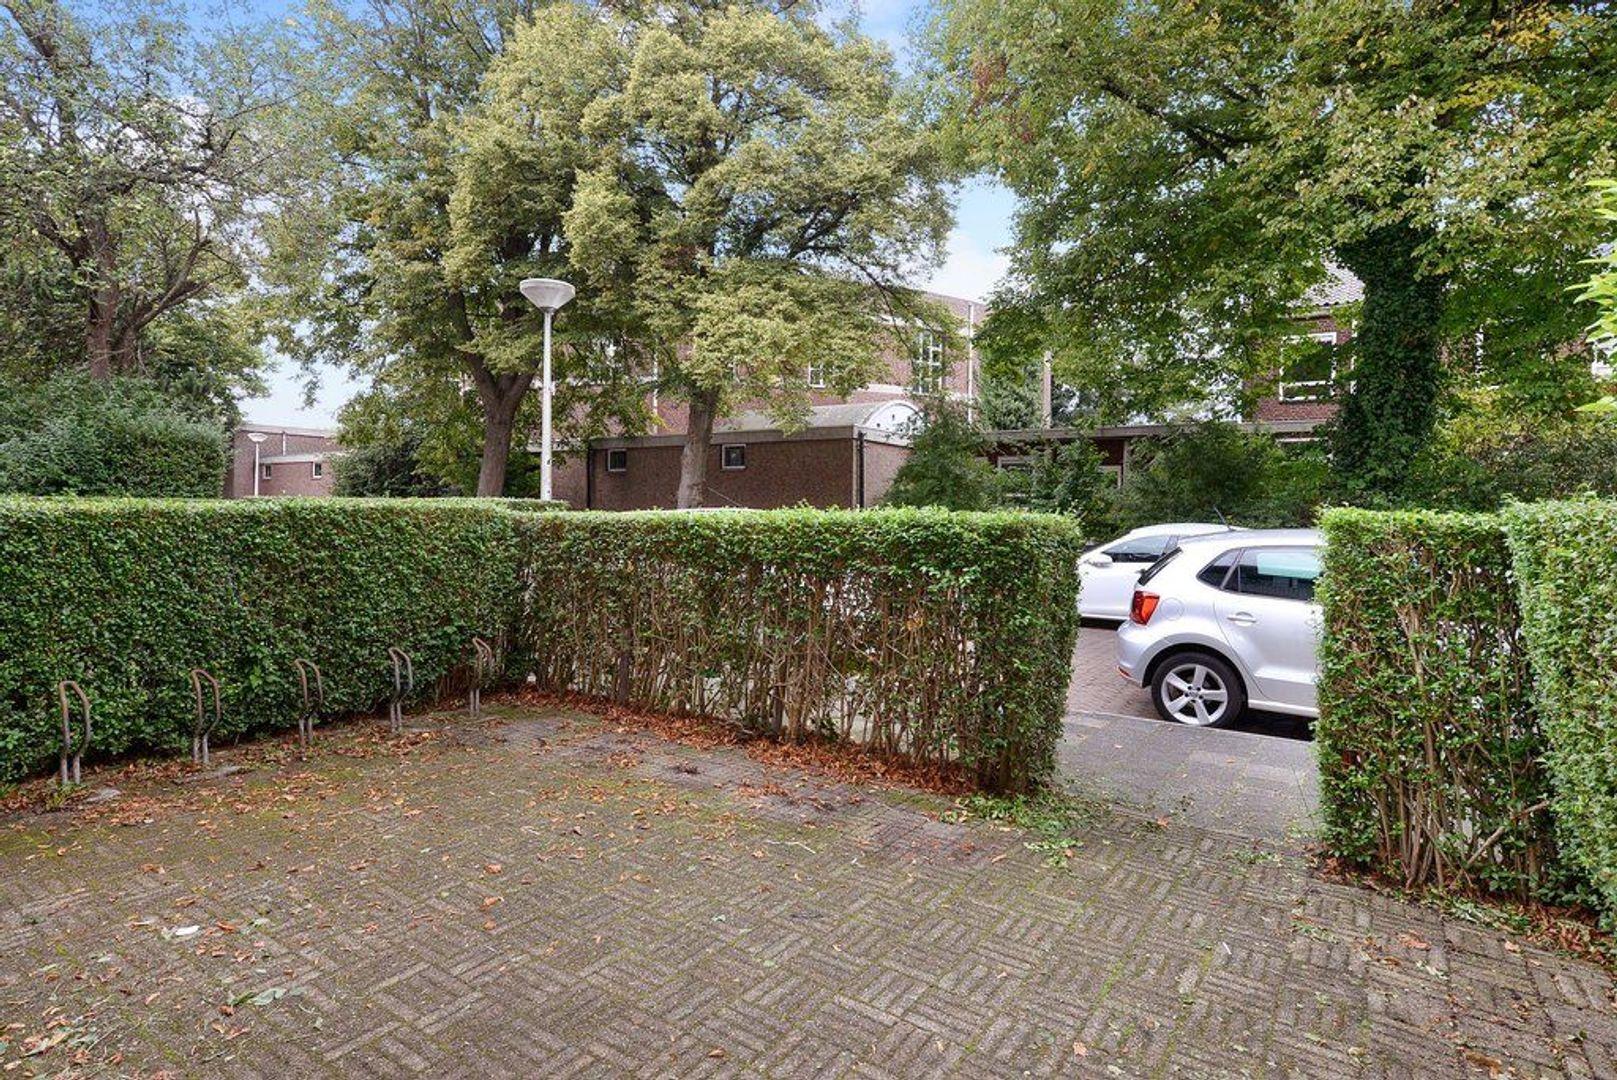 Kappeyne van de Coppellostraat 5, Delft foto-3